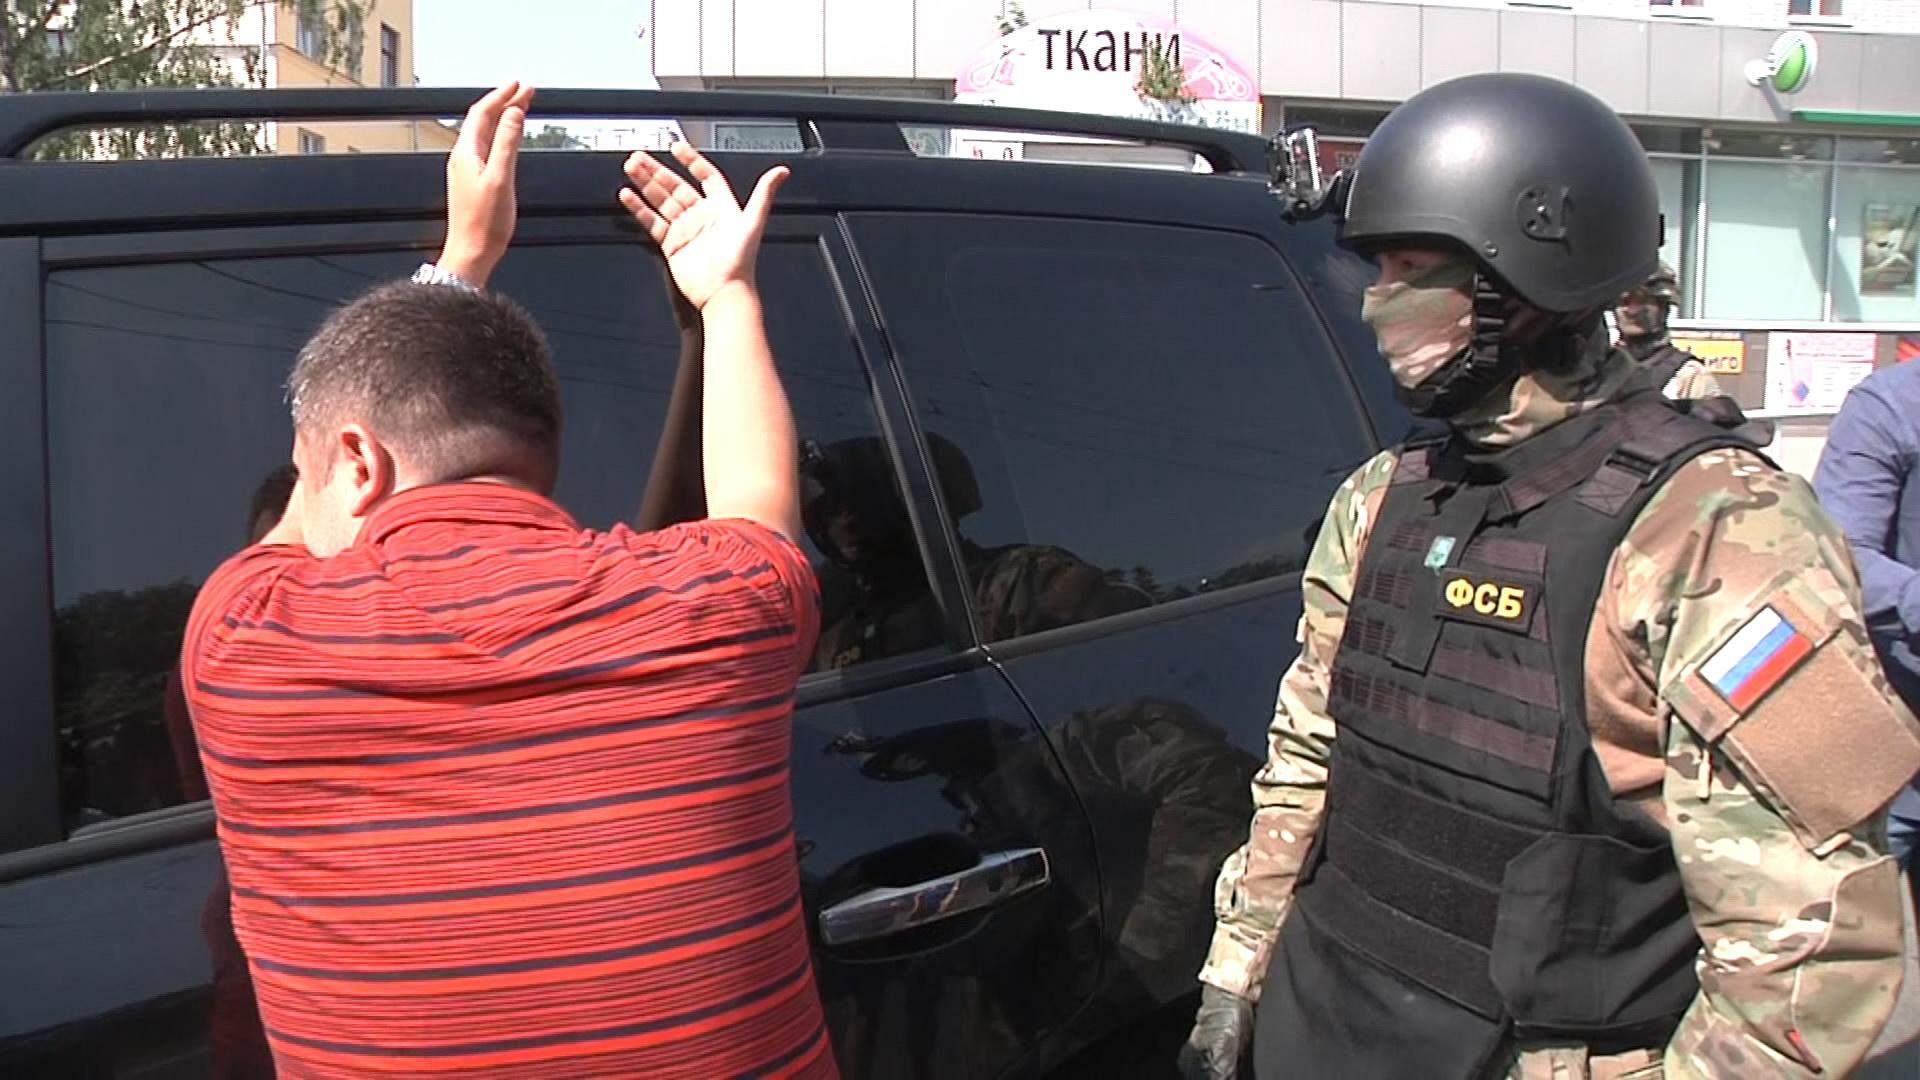 Вологодский суд санкционировал заключение Ханчаляна под стражу